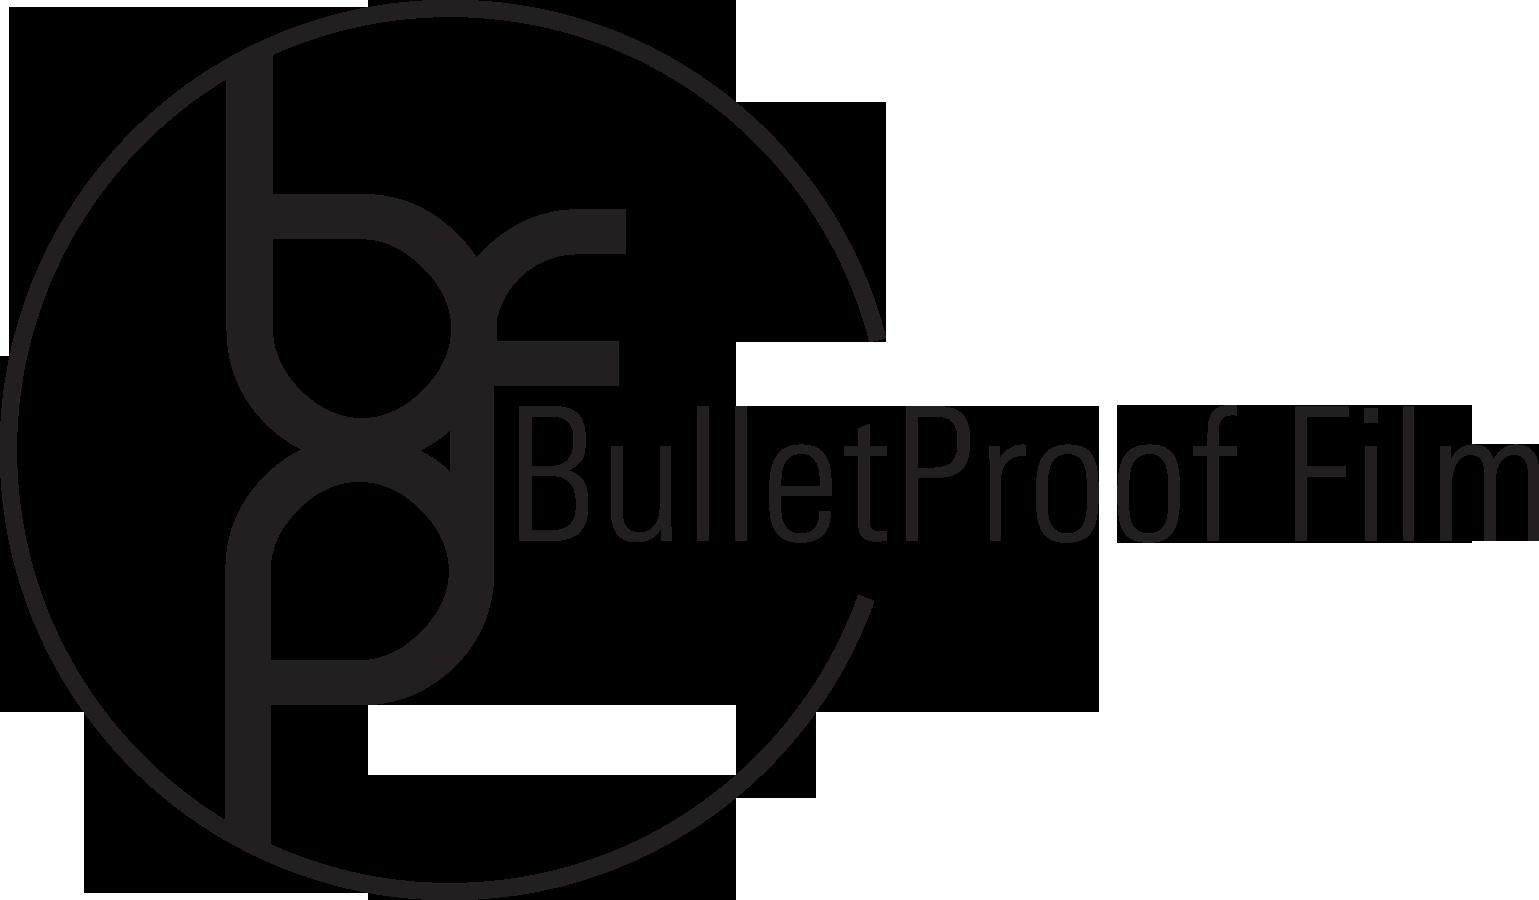 Bulletproof Film